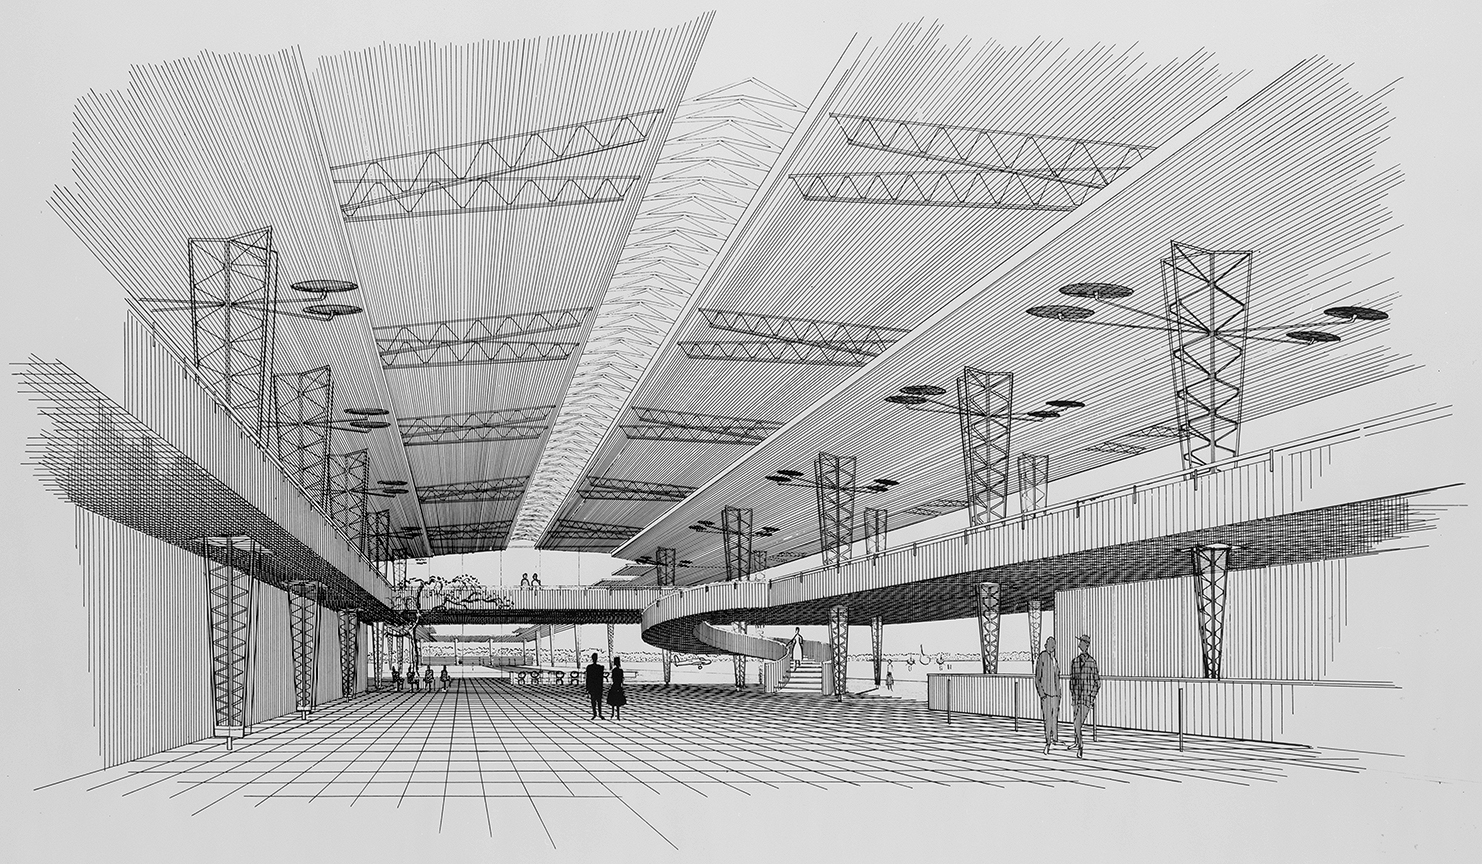 Sarasota-Bradenton Airport, Sarasota, Florida. Interior Perspective Rendering.